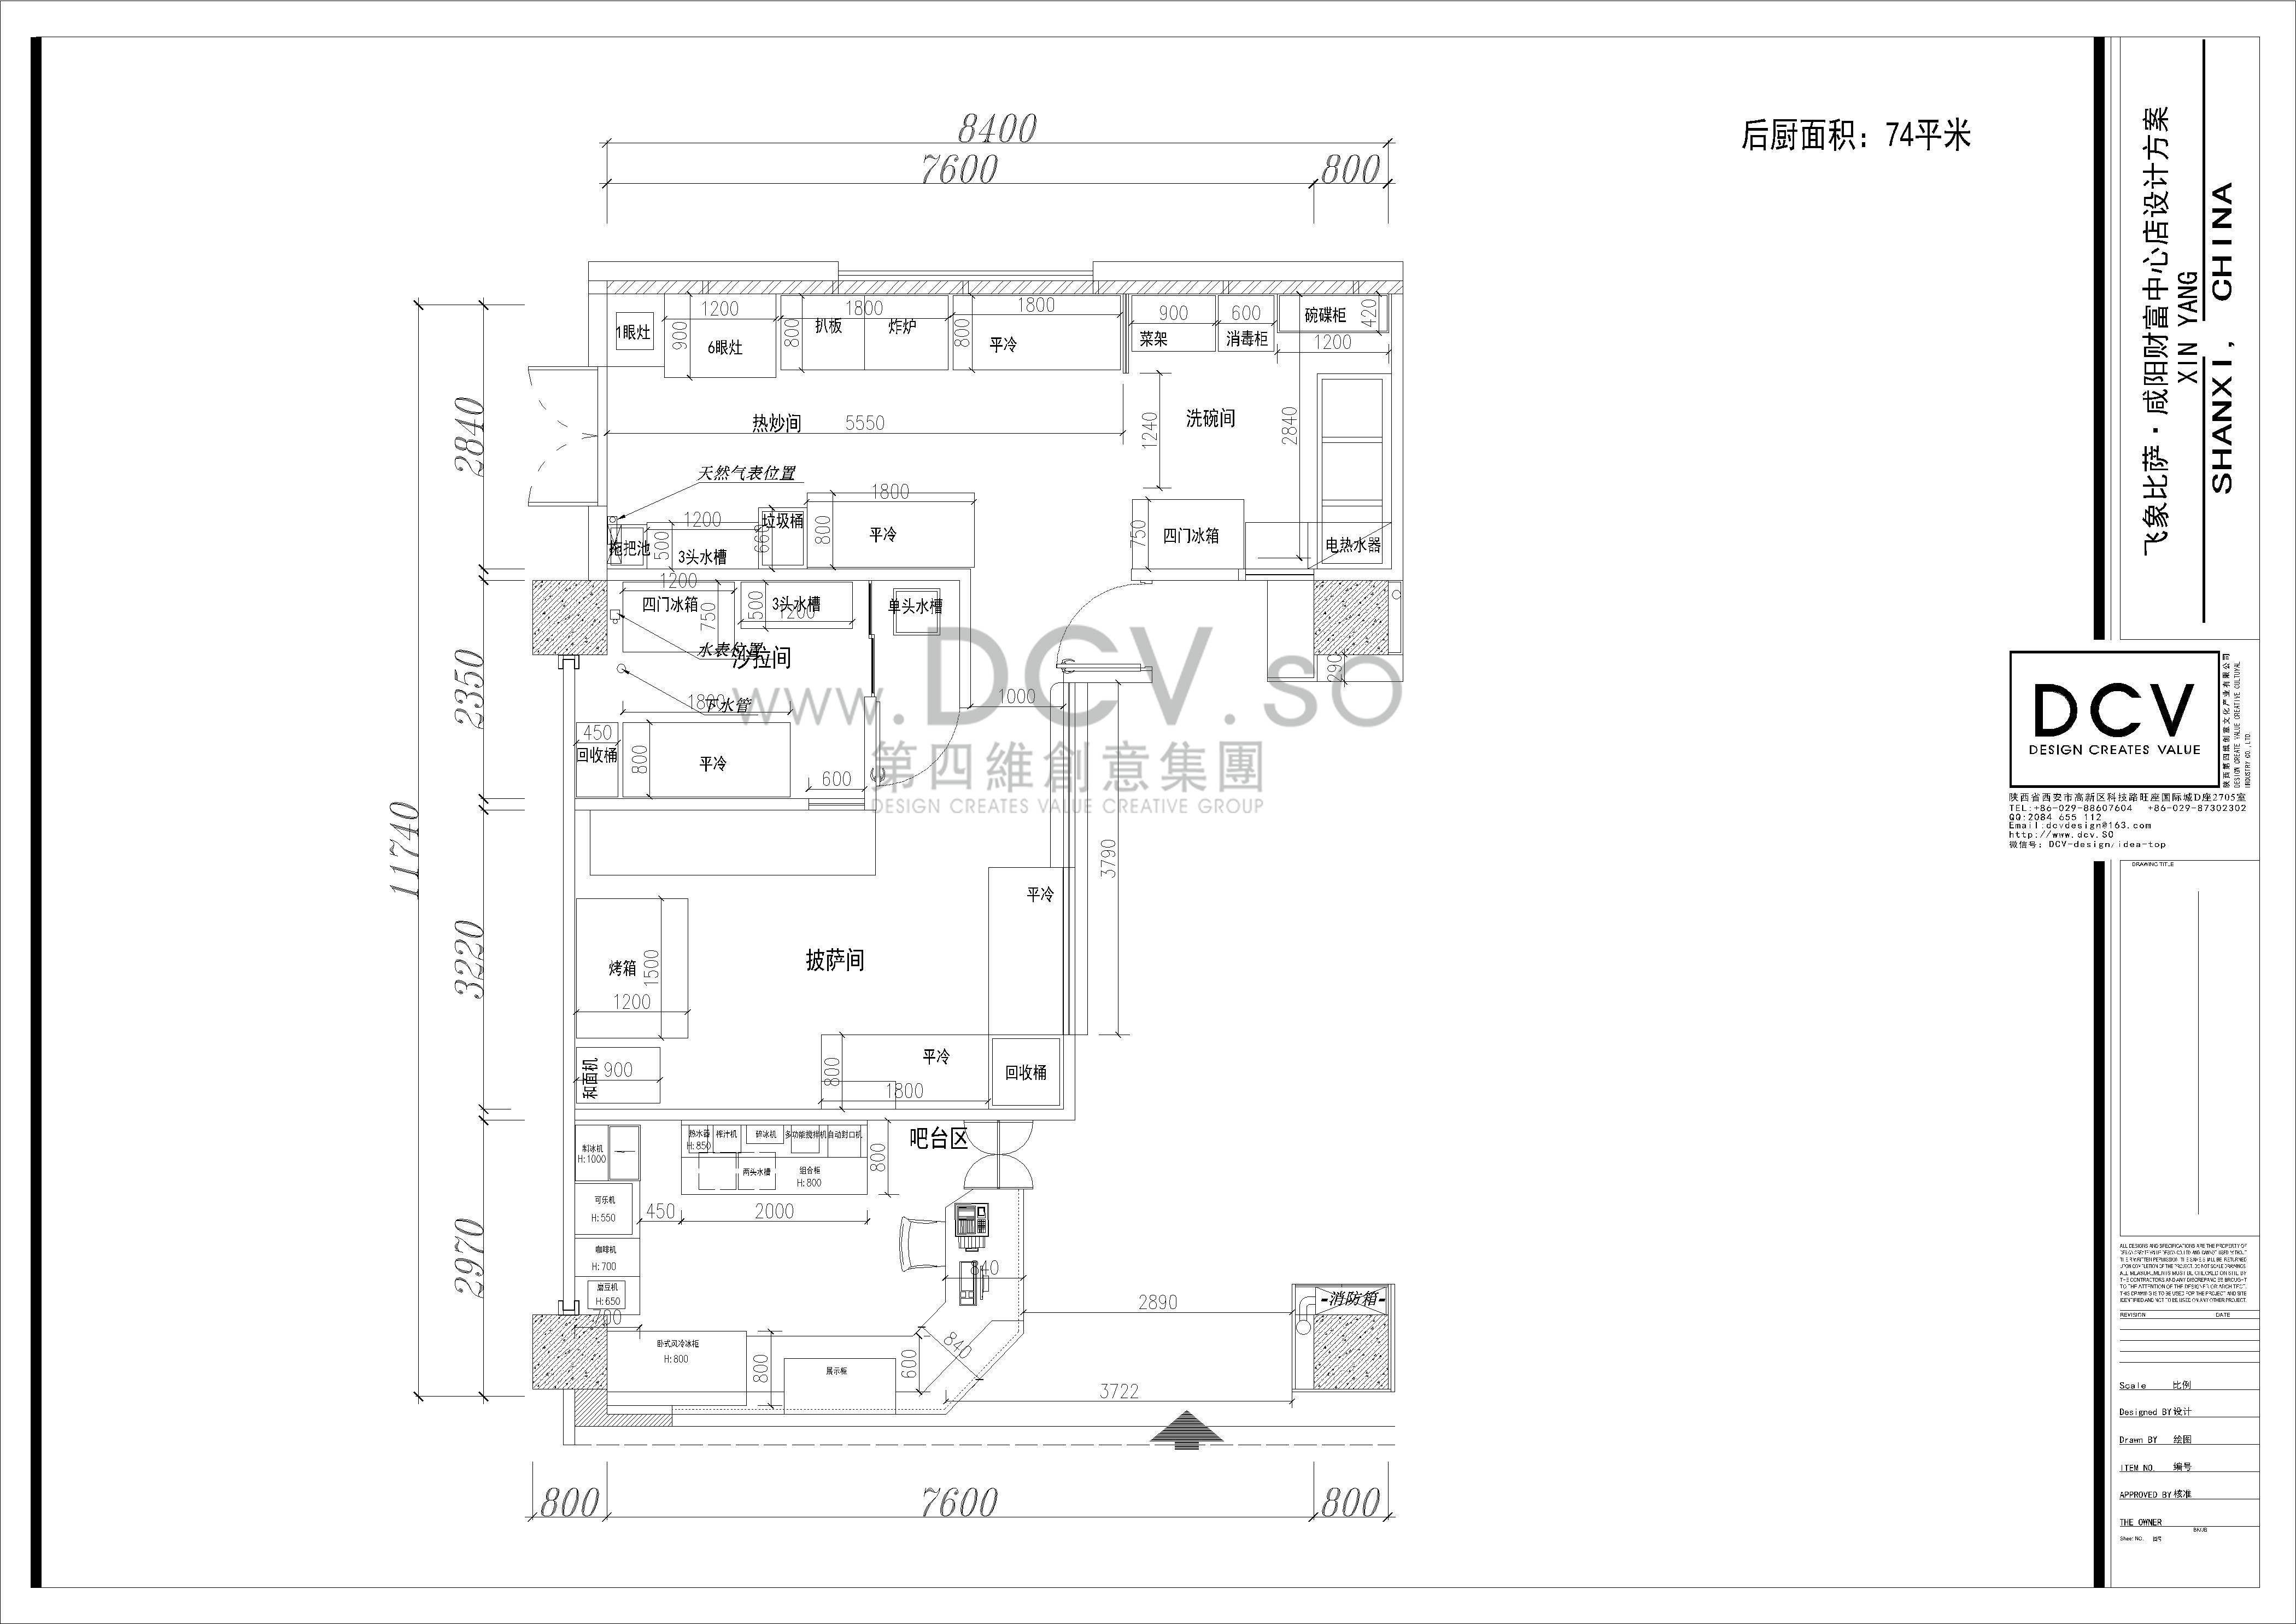 西安-飞象披萨特色主题餐厅设计(中贸广场店)